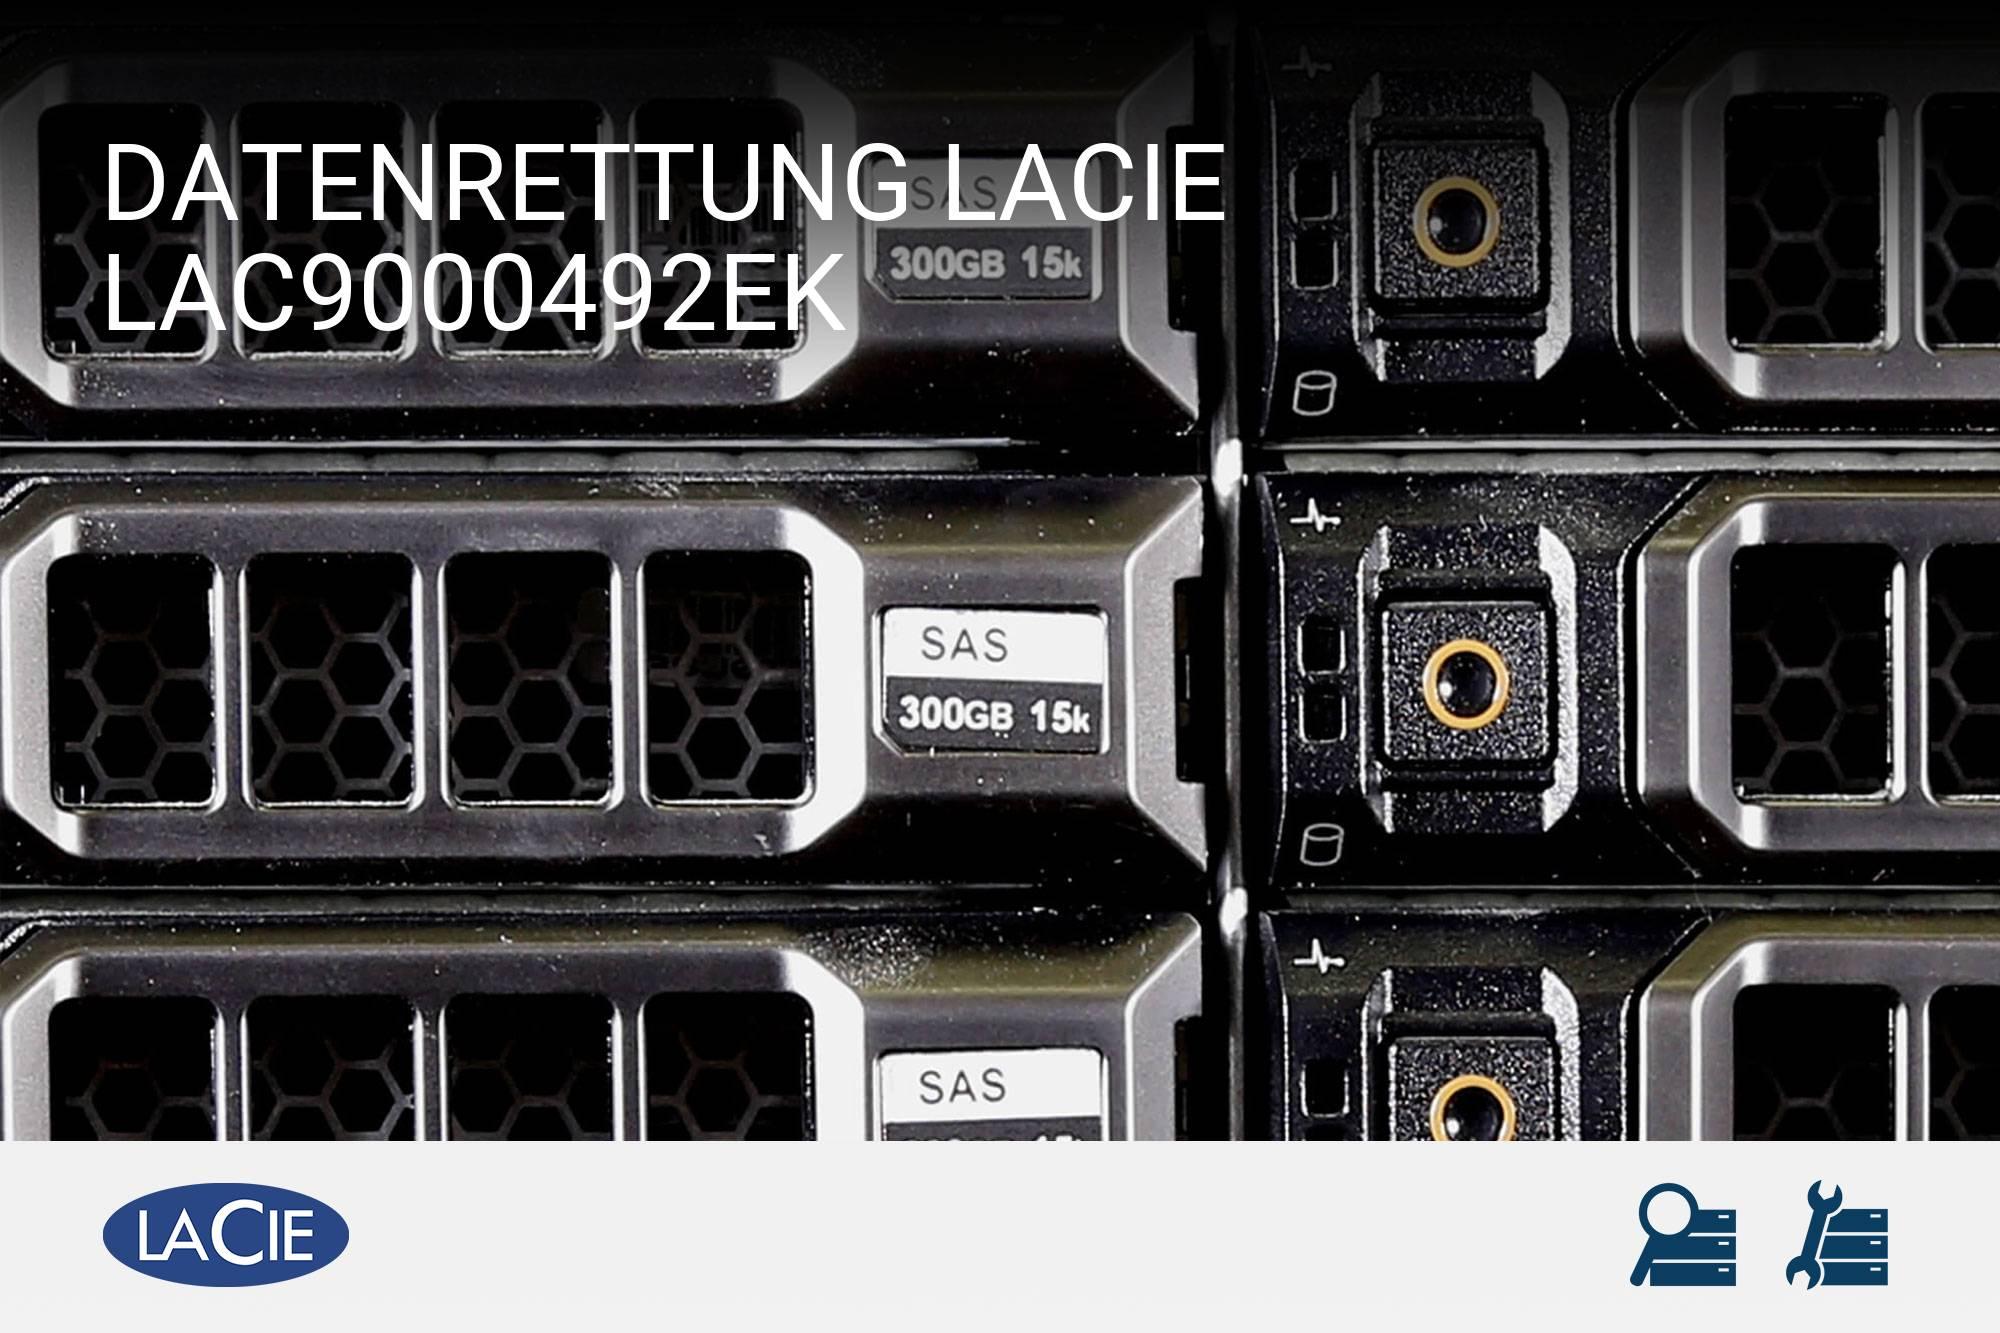 LaCie LAC9000492EK